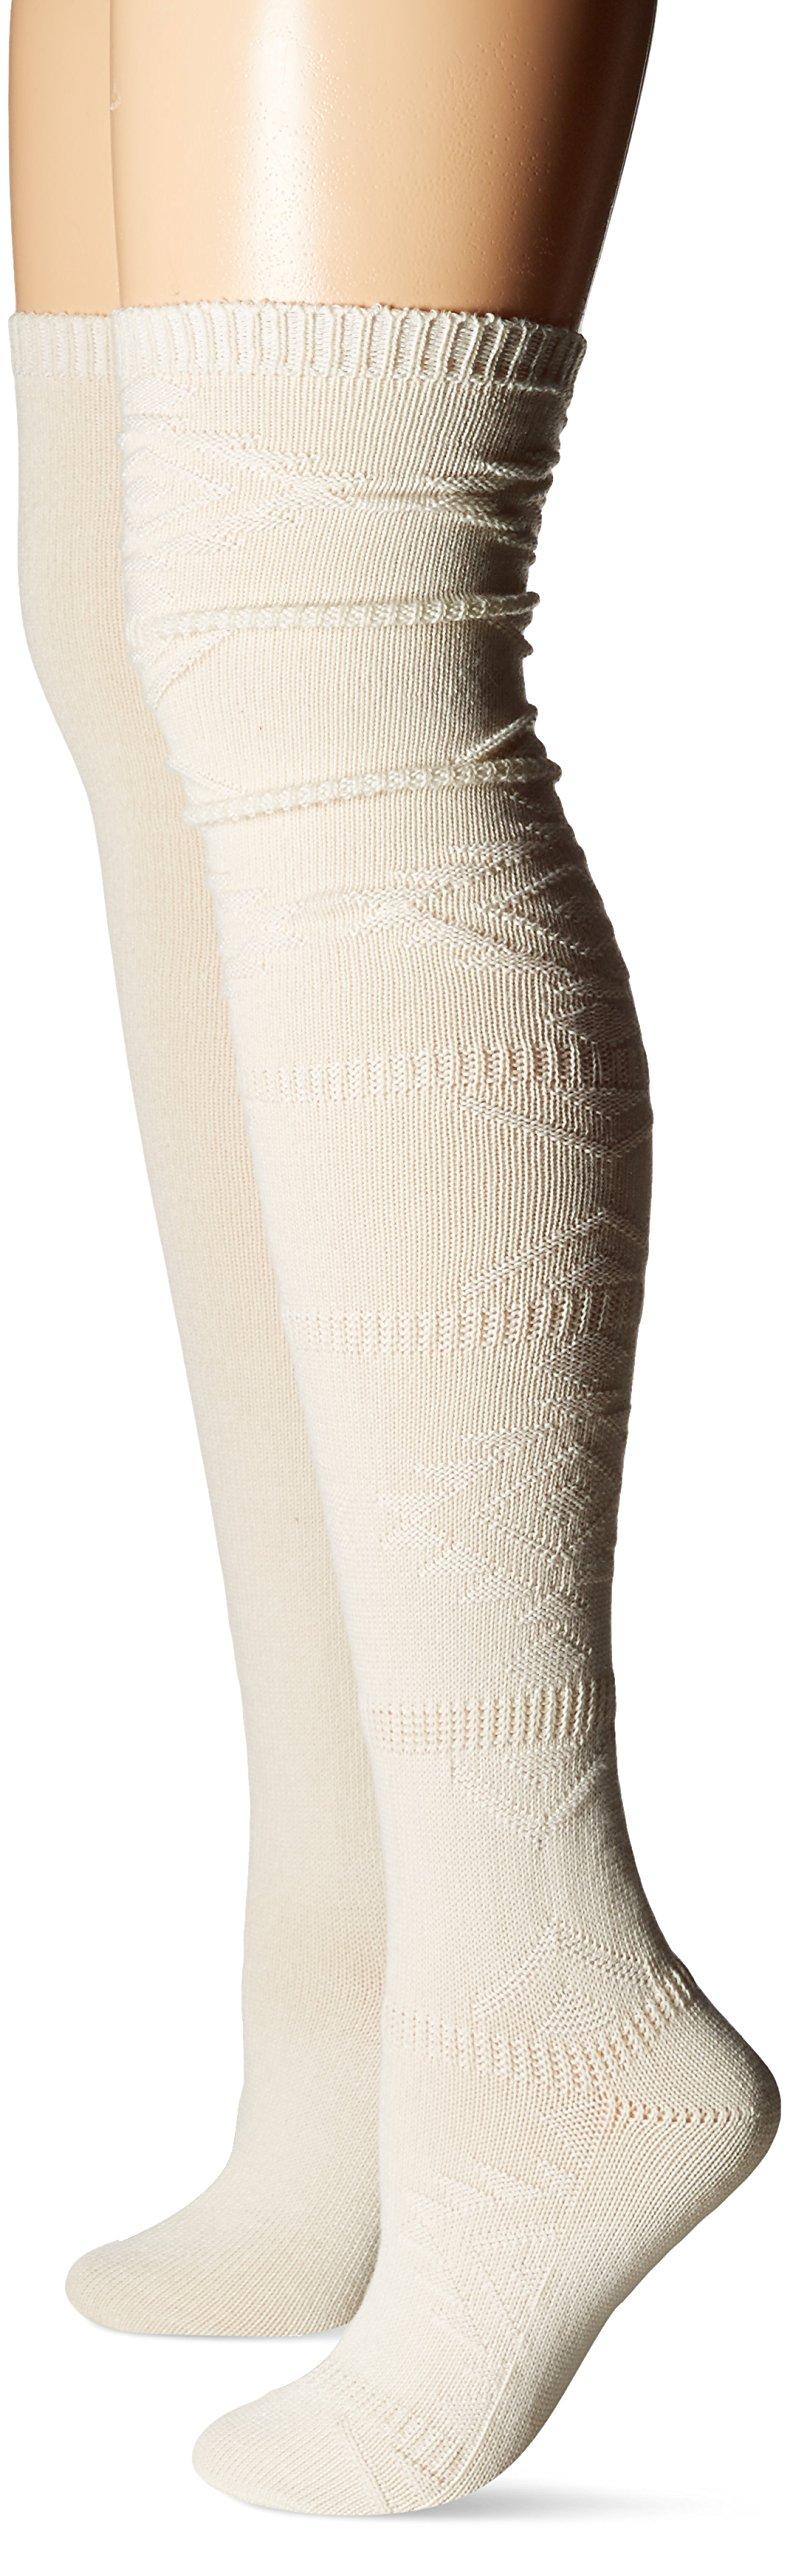 Steve Madden Women's Aztec Over The Knee Sock 2-Pack, Off White, 9-11